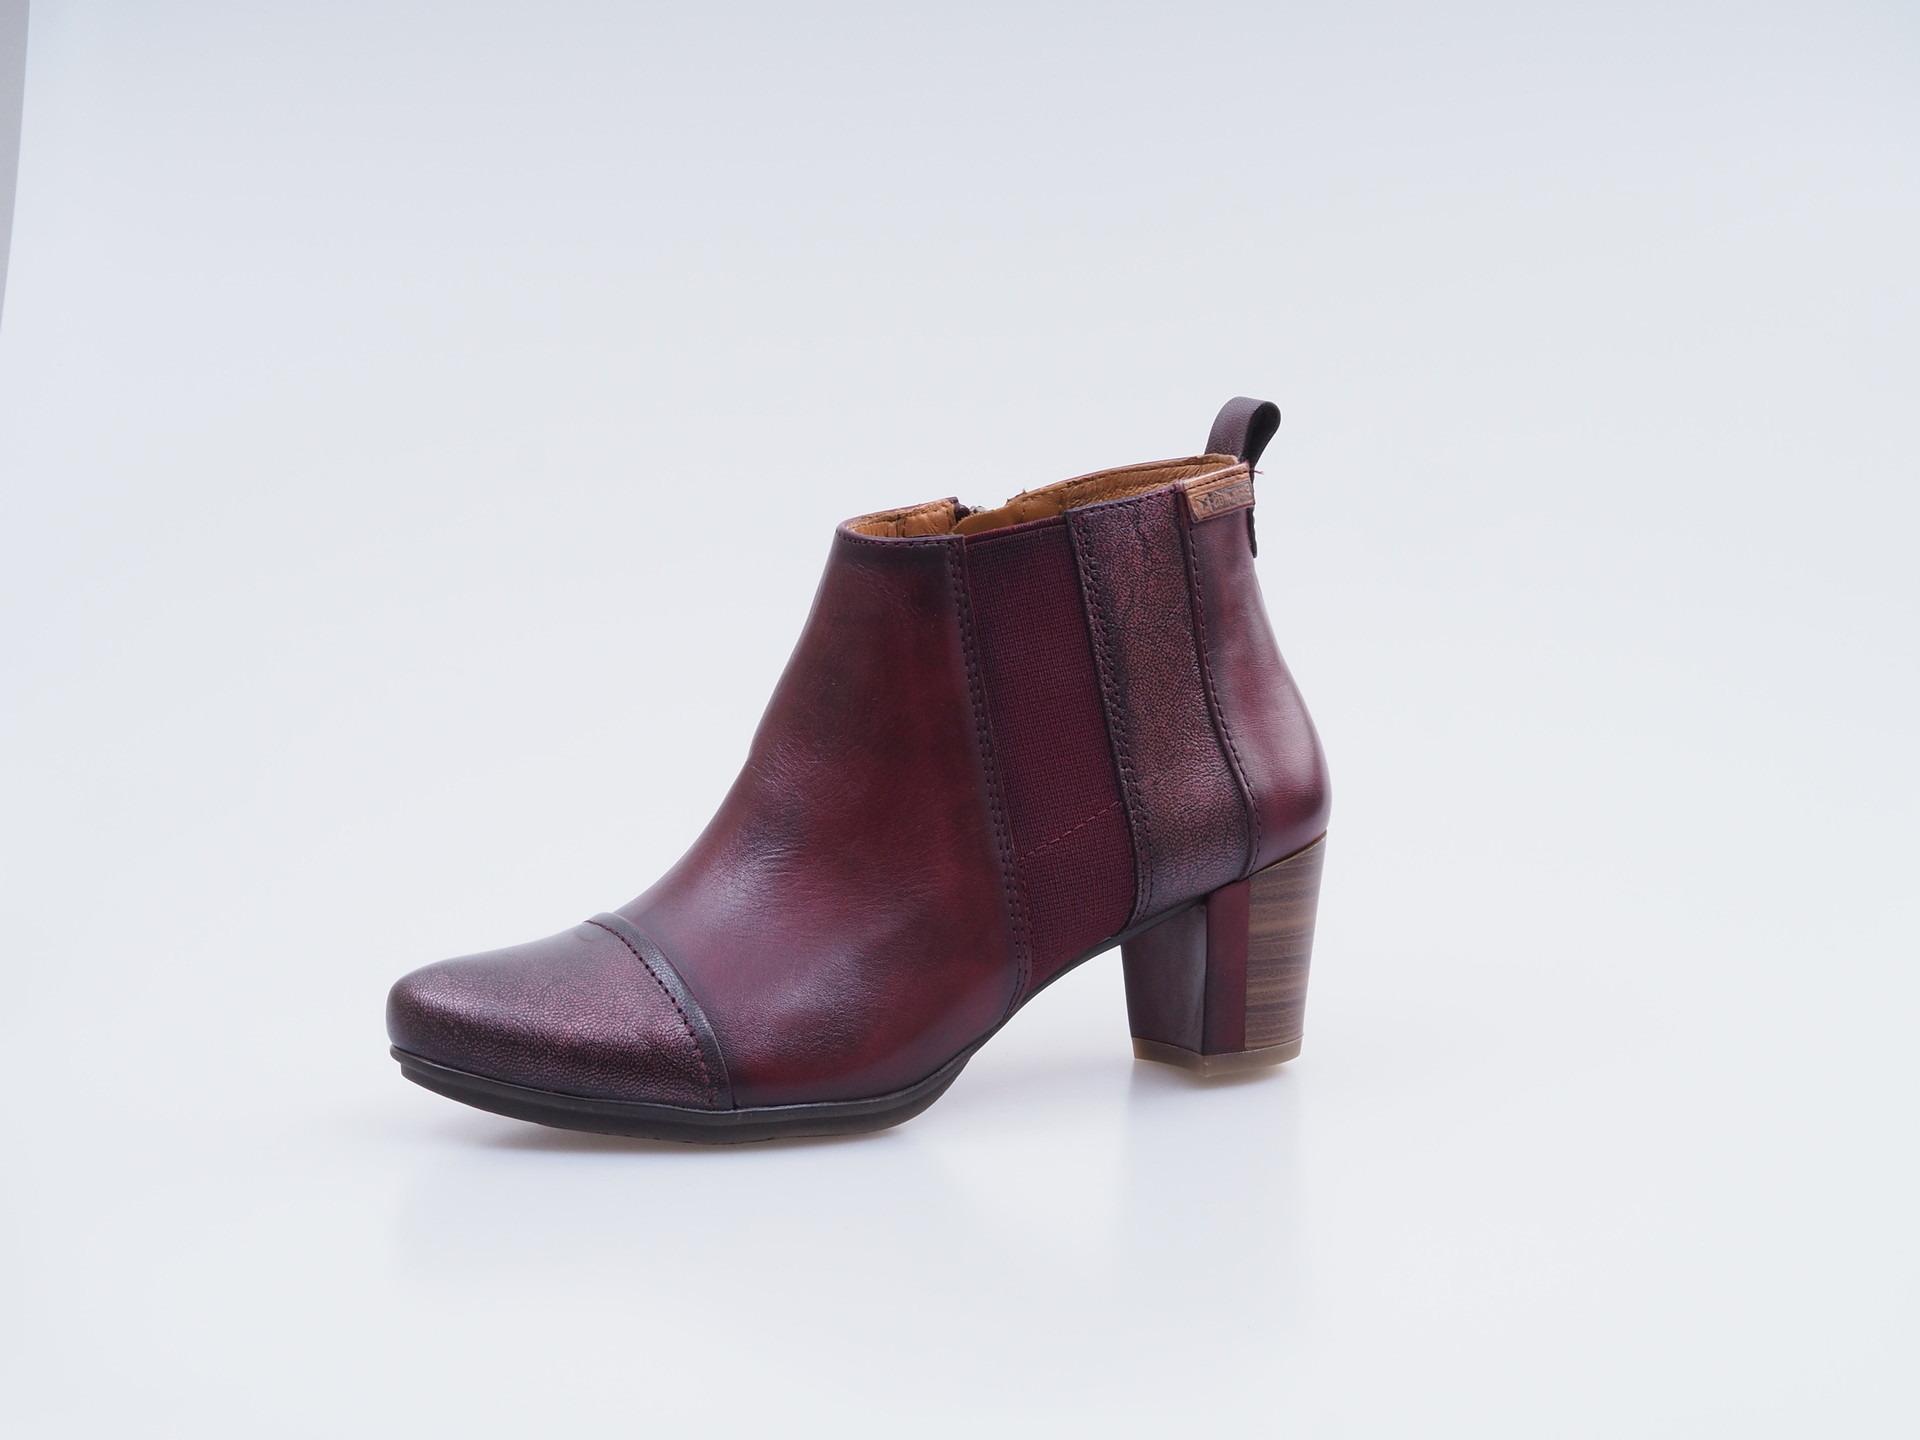 67c2cd00576 Soňa - Dámska obuv - Kotníčky - Kožené členkové topánky Pikolinos